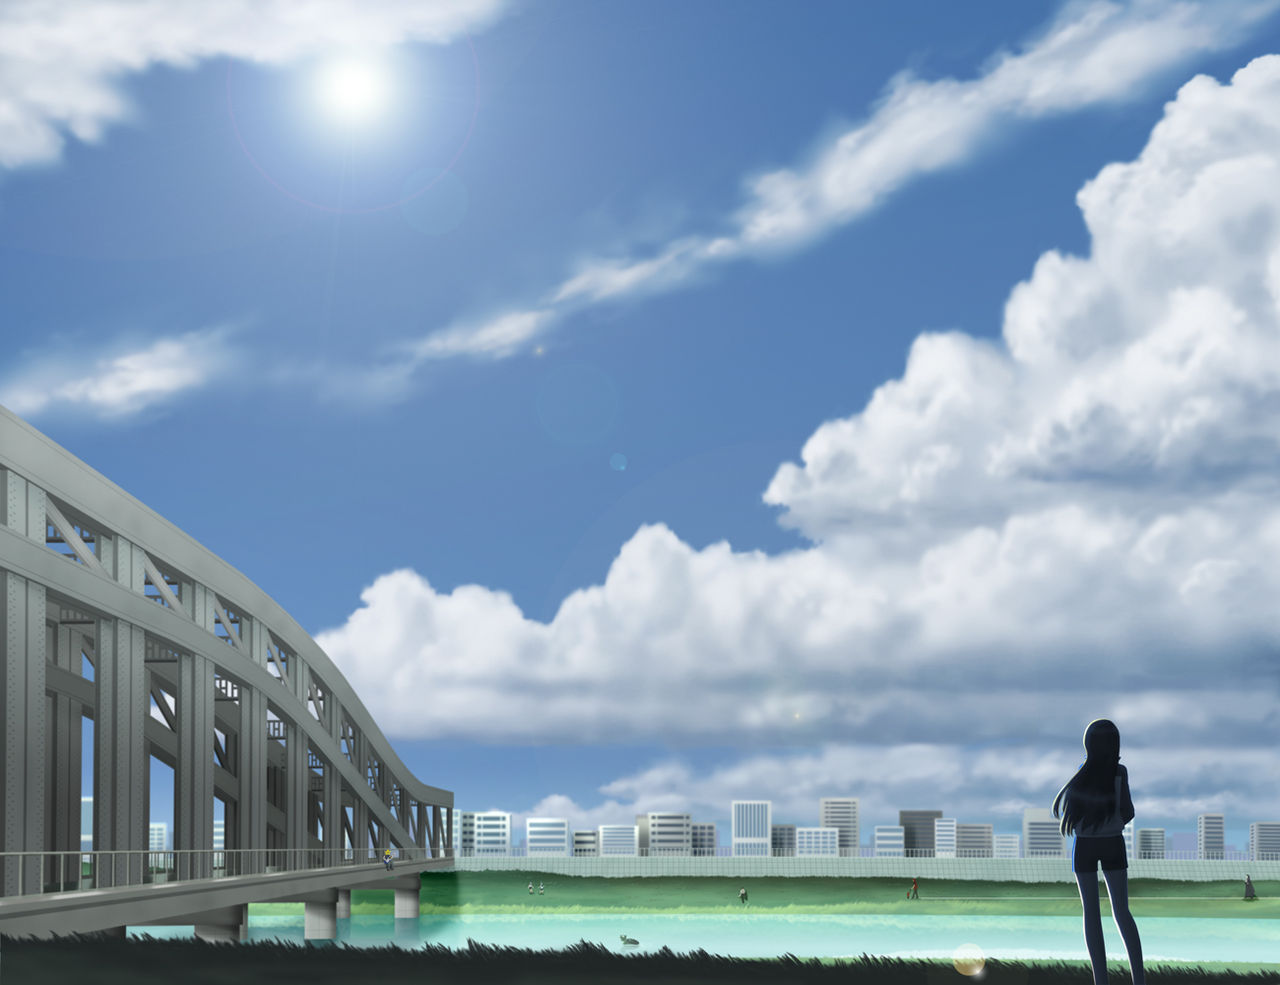 荒川アンダー ザ ブリッジ の可愛い壁紙が欲しいんだけど 画像